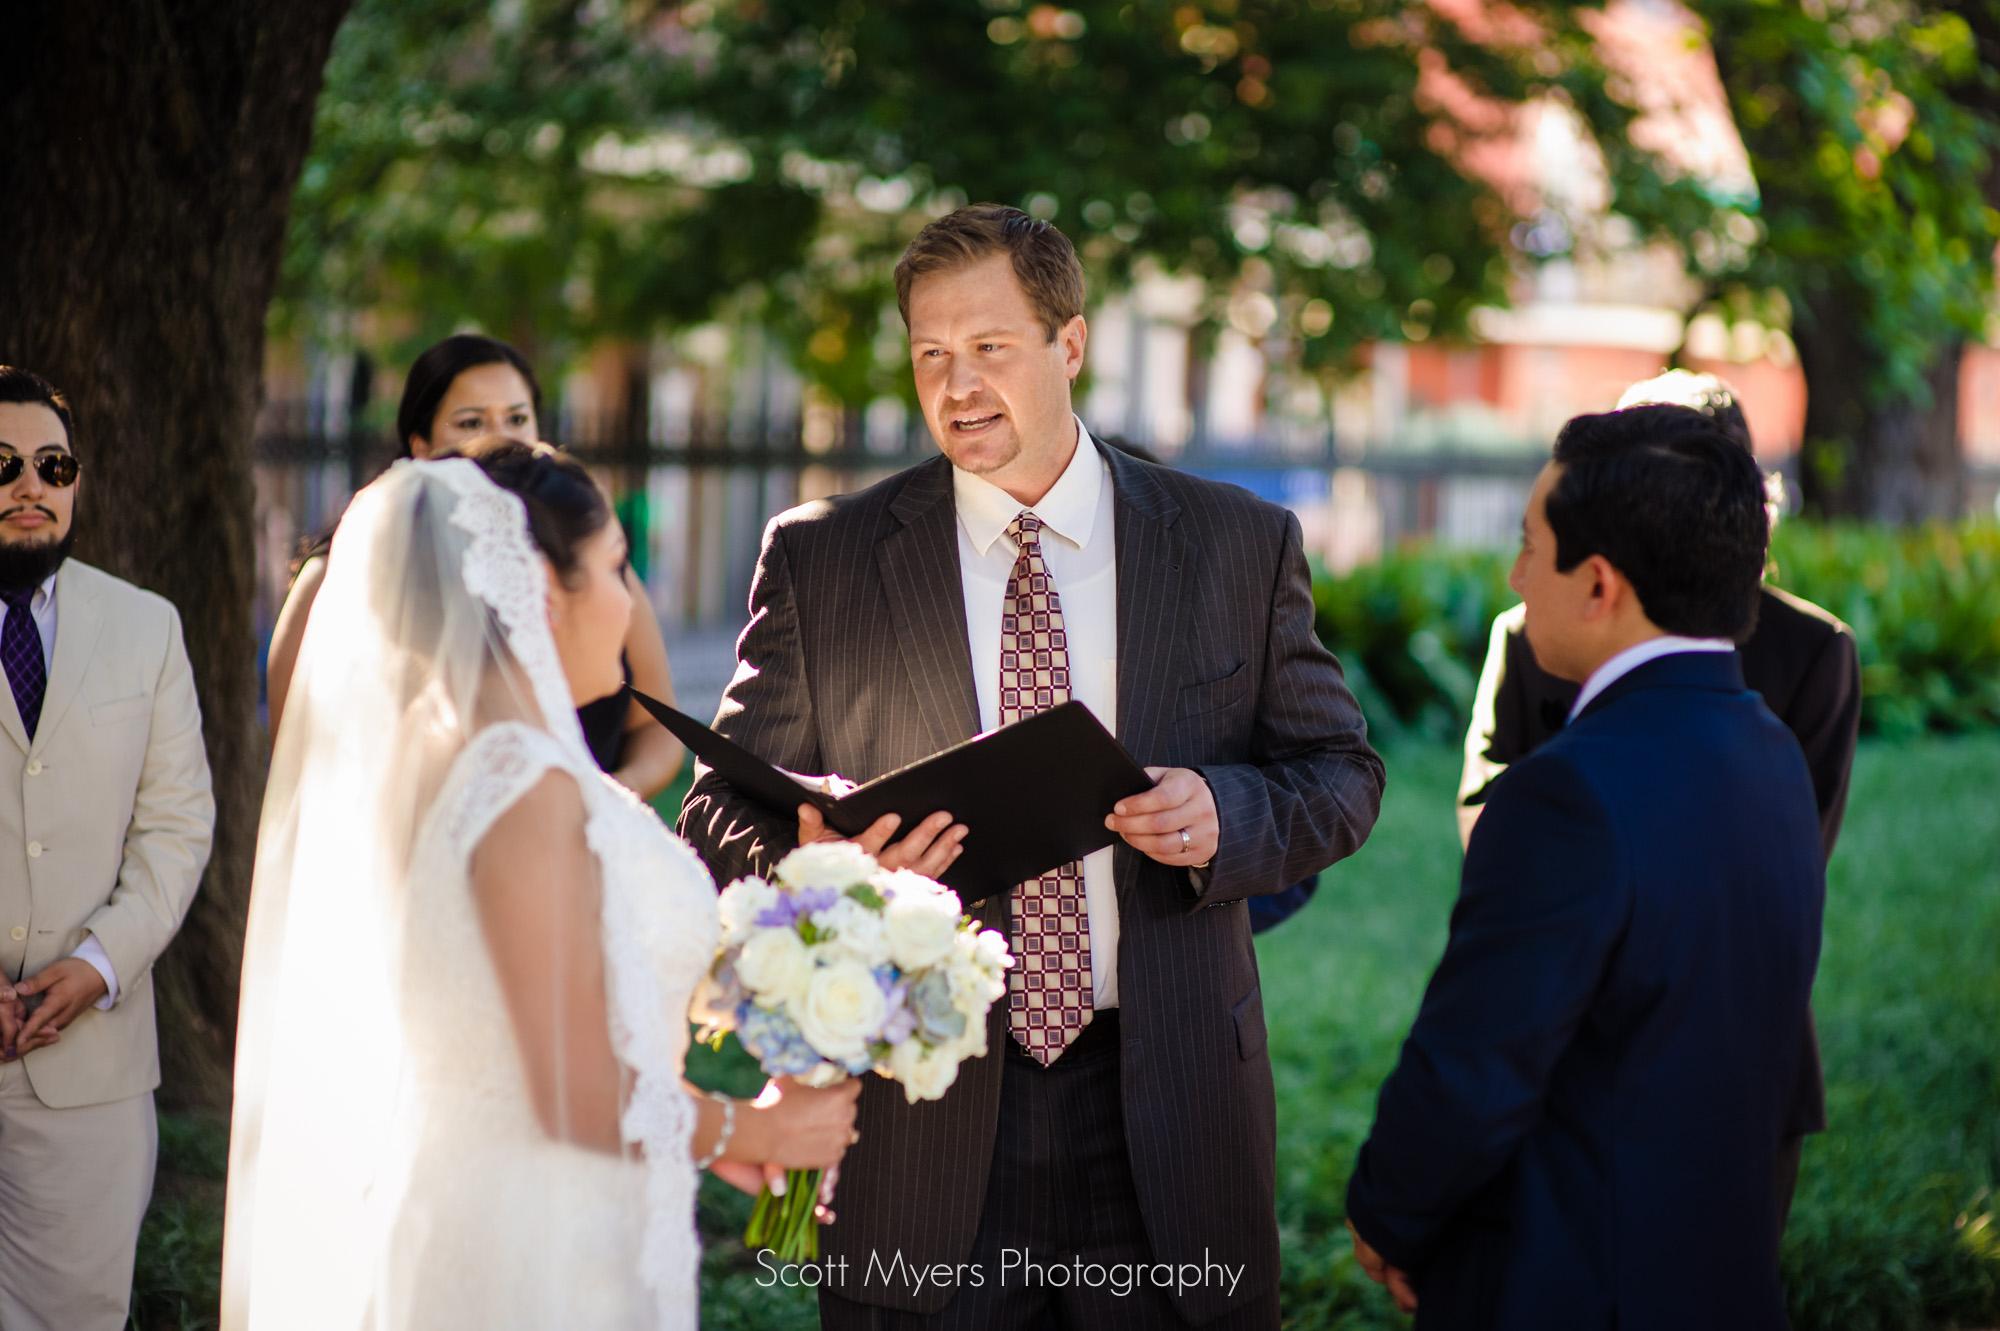 Scott_Myers_Wedding_New_Orleans_019.jpg